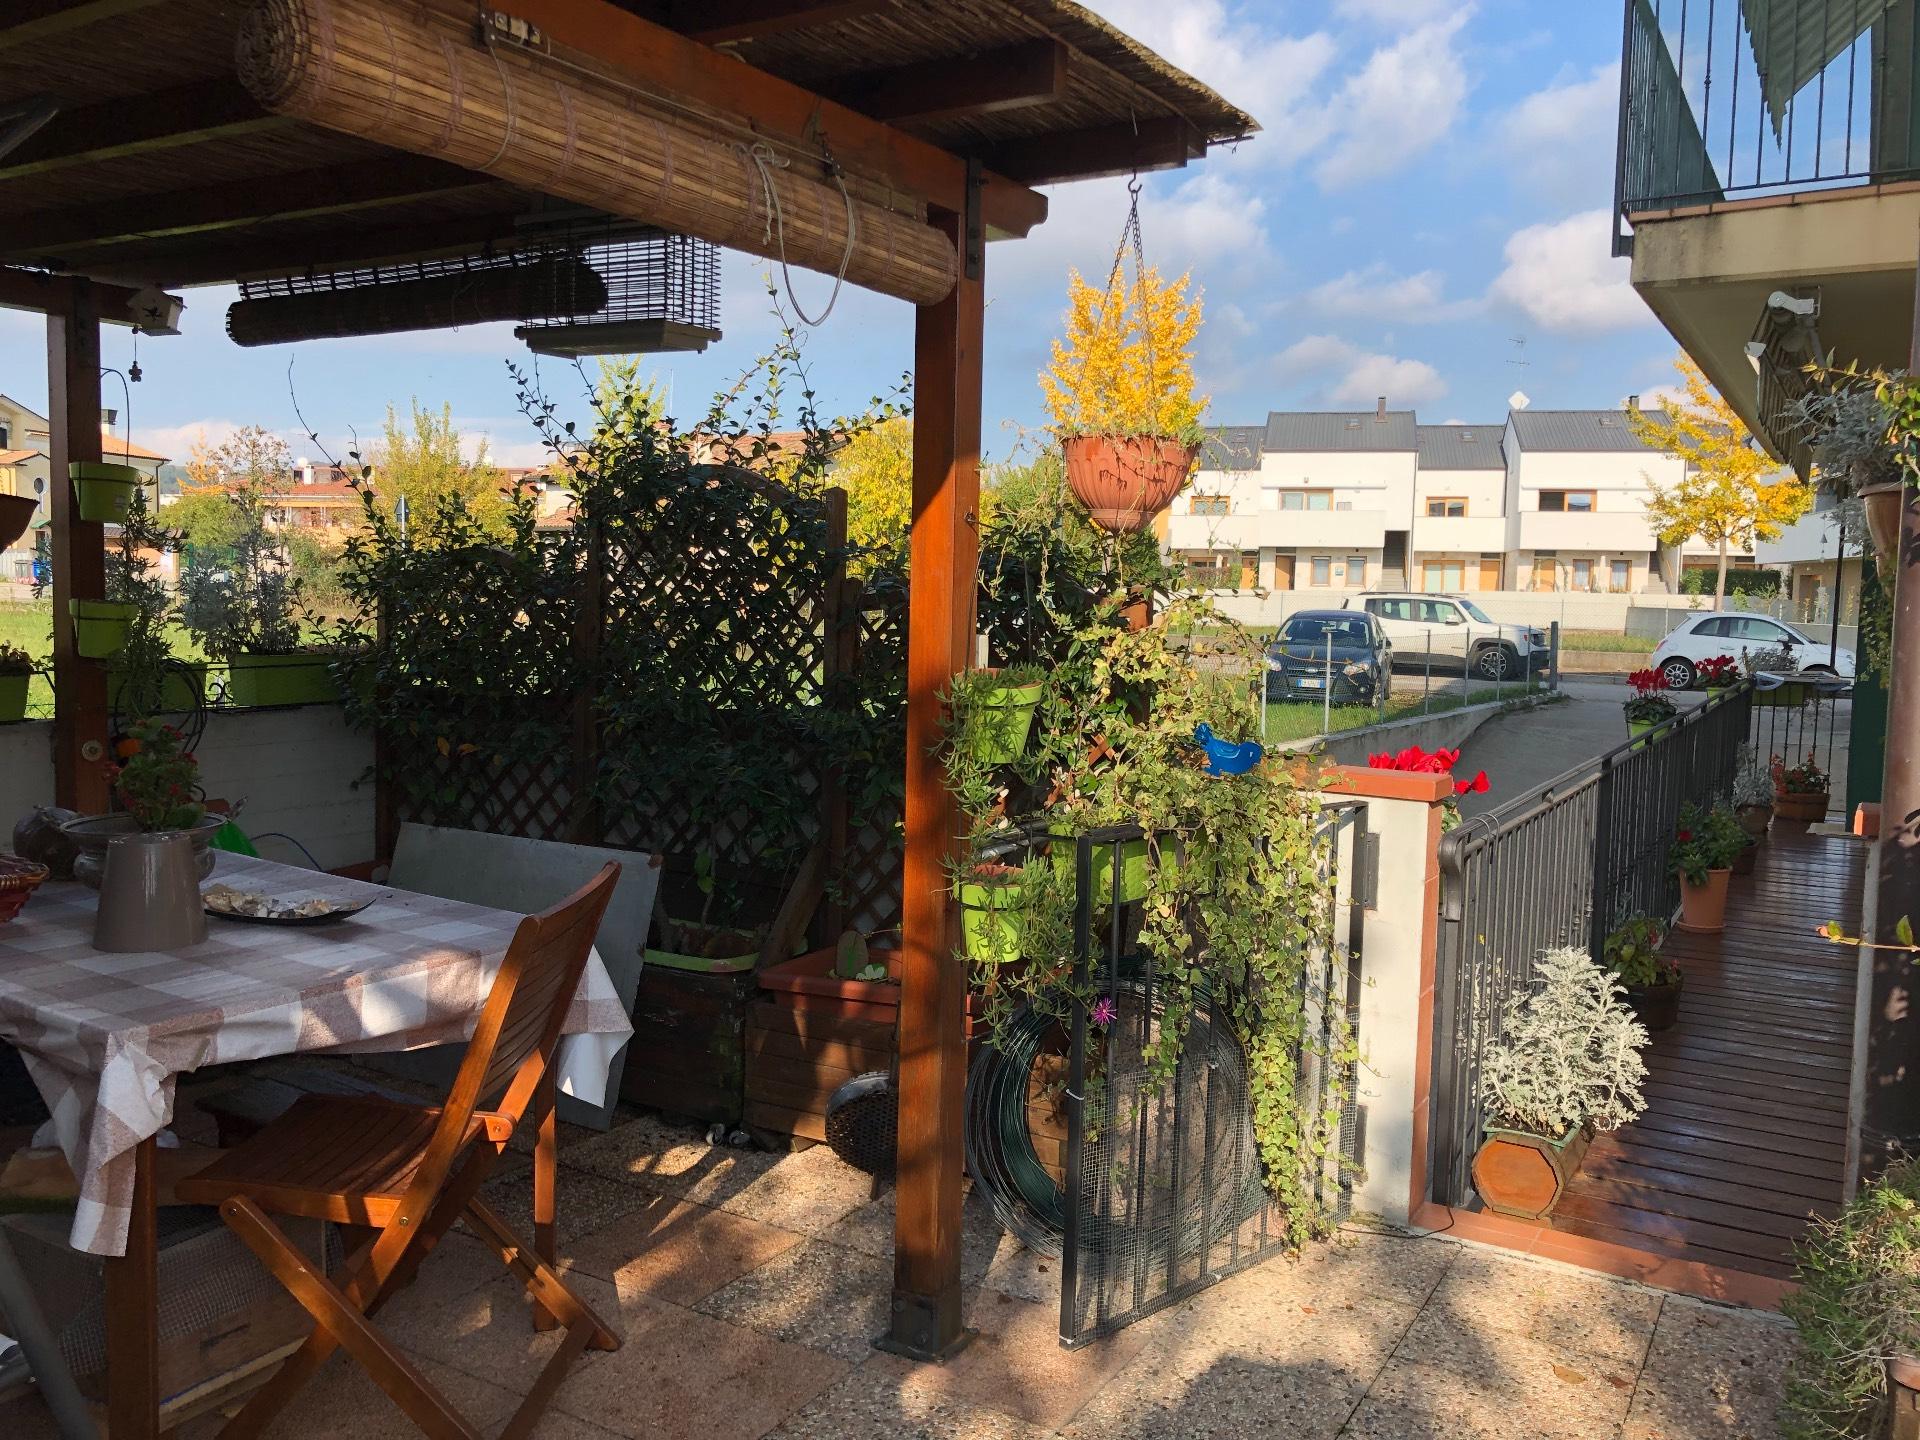 Appartamento in vendita a Giavera del Montello, 4 locali, zona Zona: Cusignana, prezzo € 115.000 | CambioCasa.it